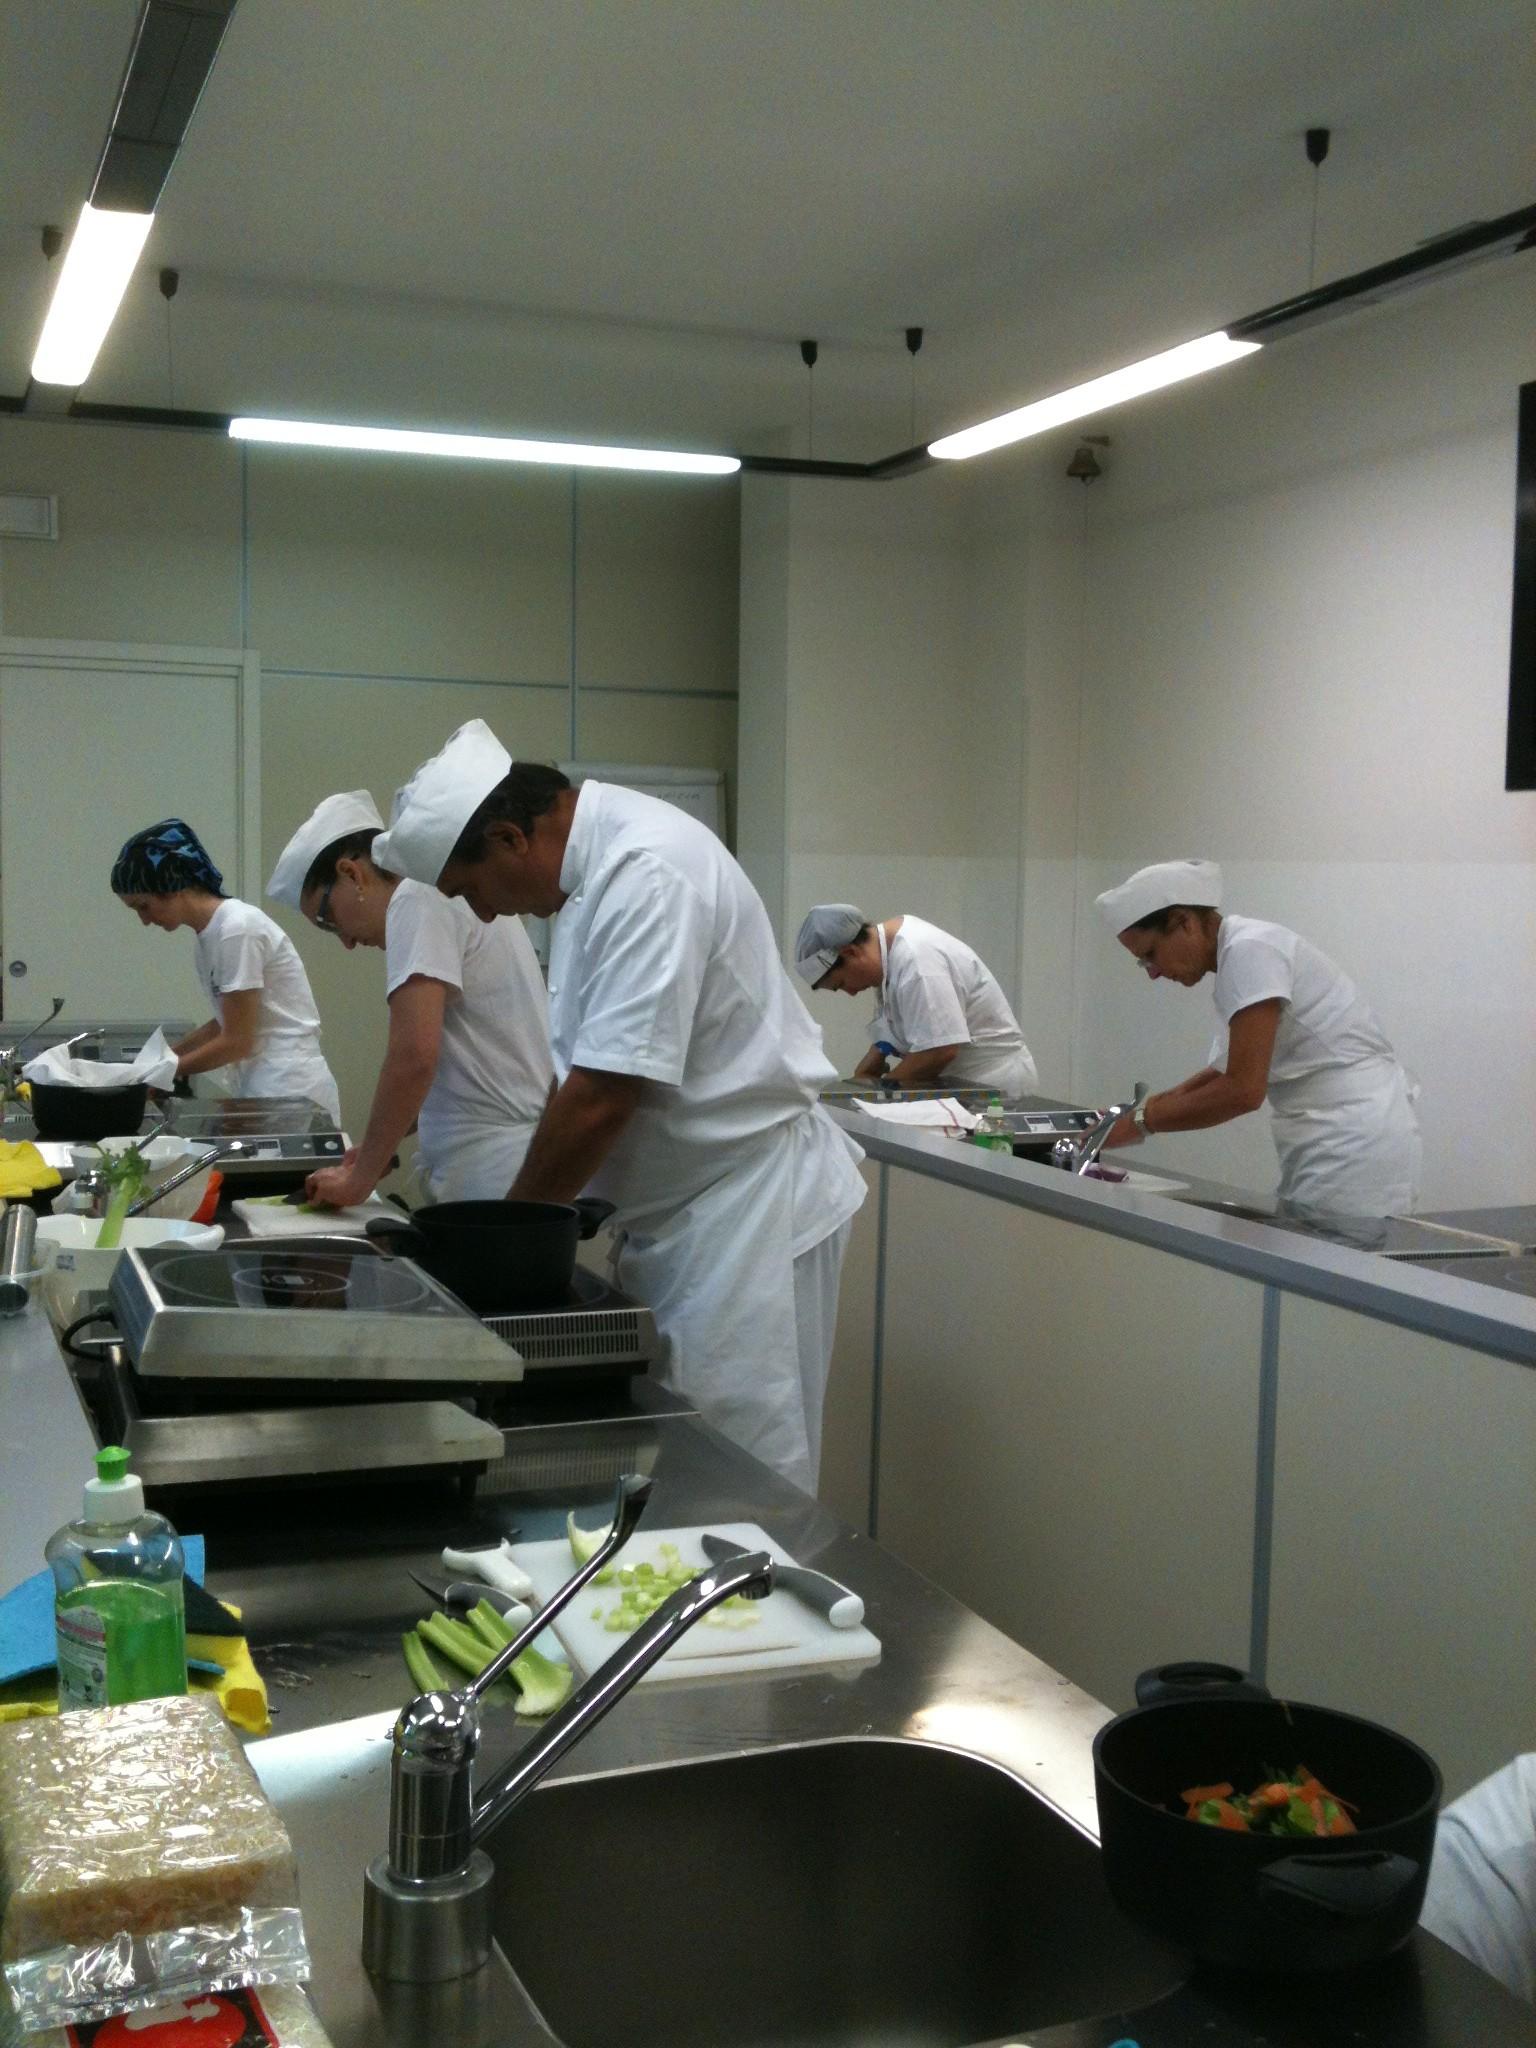 e' attivo il nuovo laboratorio di cucina | cescot firenze srl - Laboratorio Di Cucina